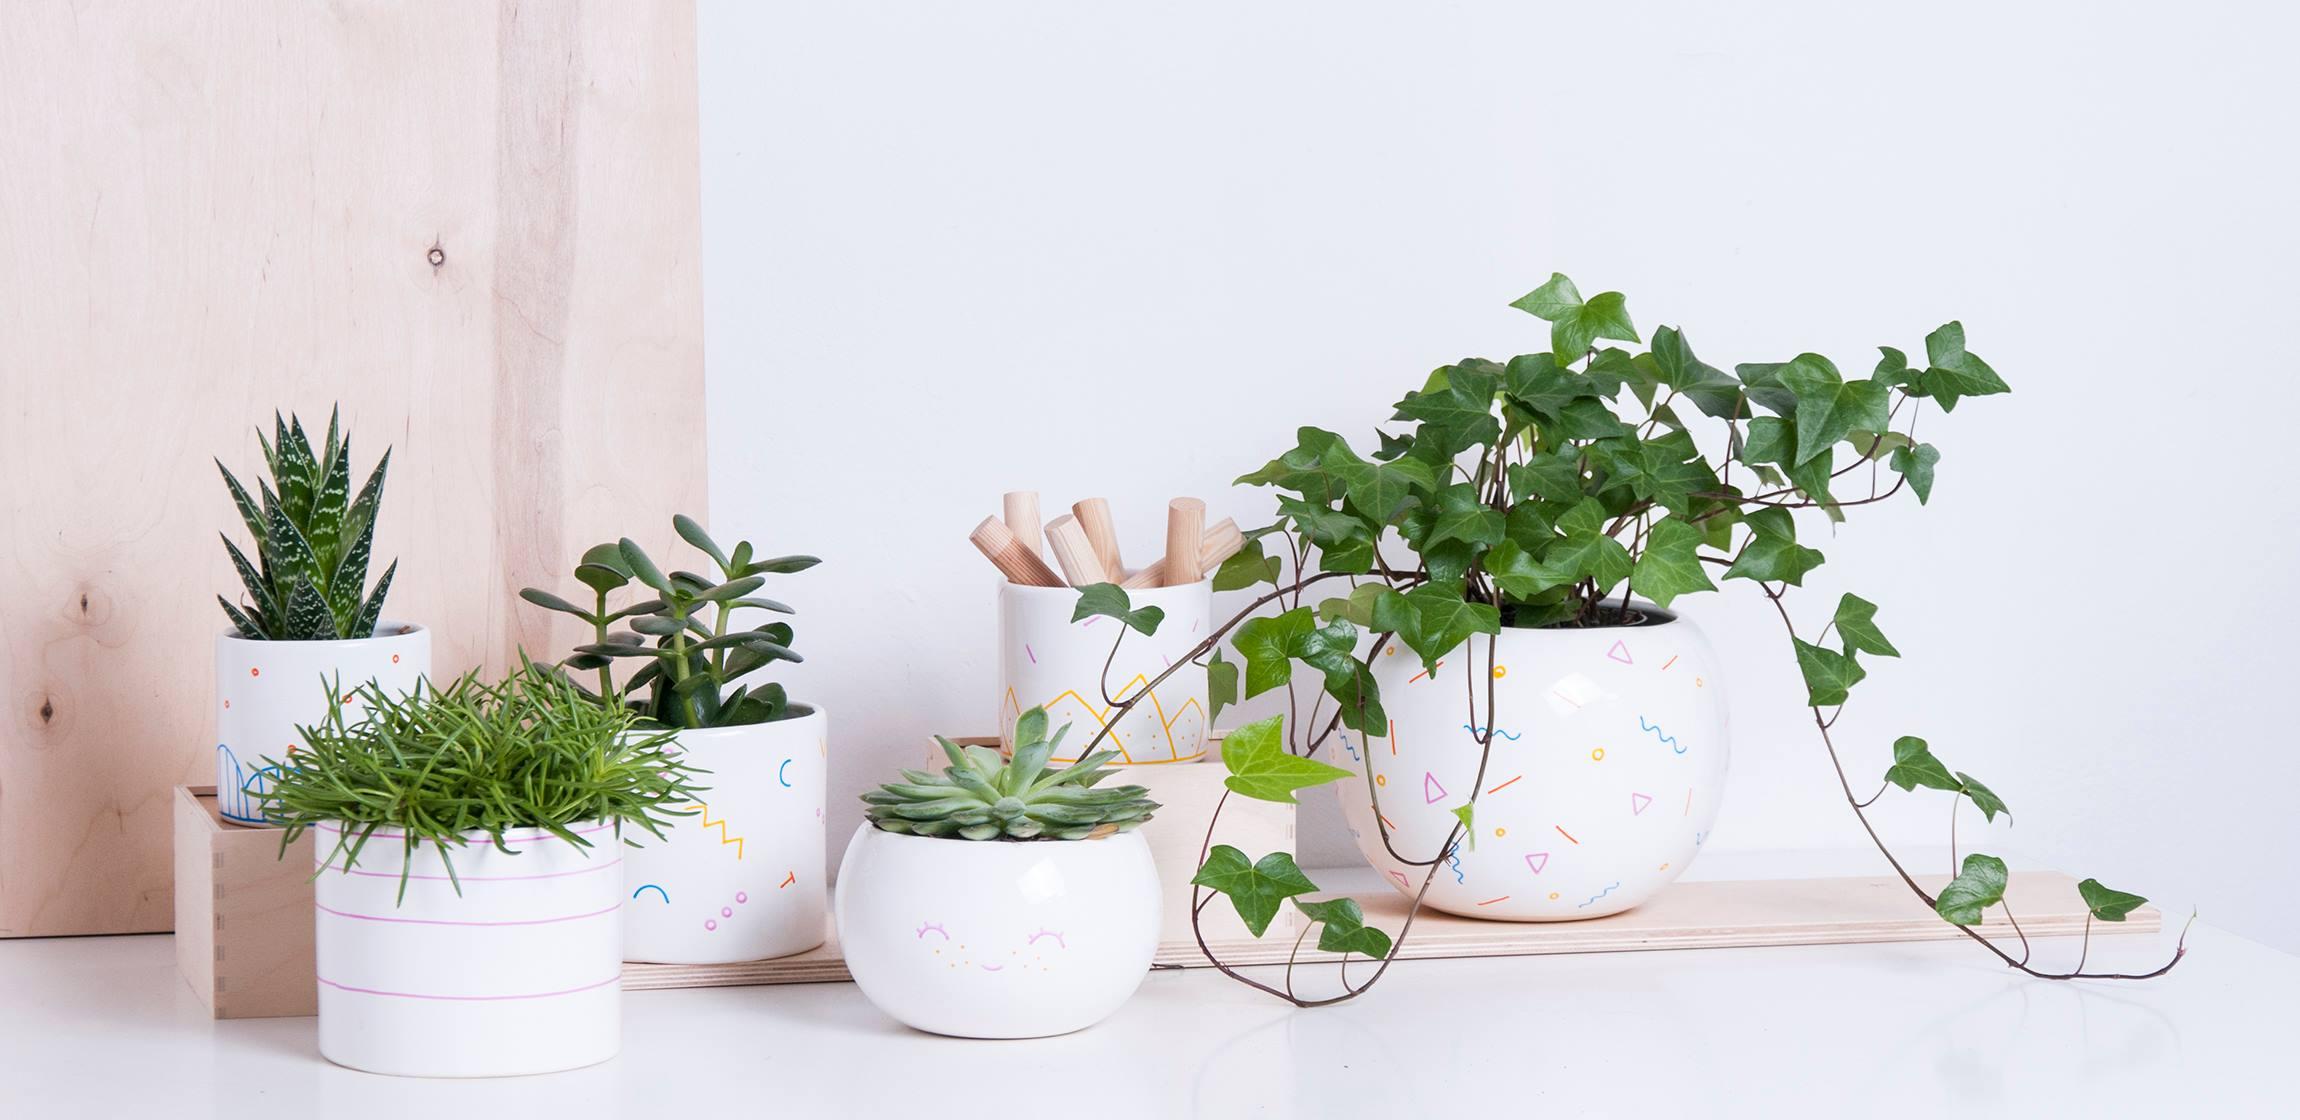 Białe doniczki z zielonymi roślinkami